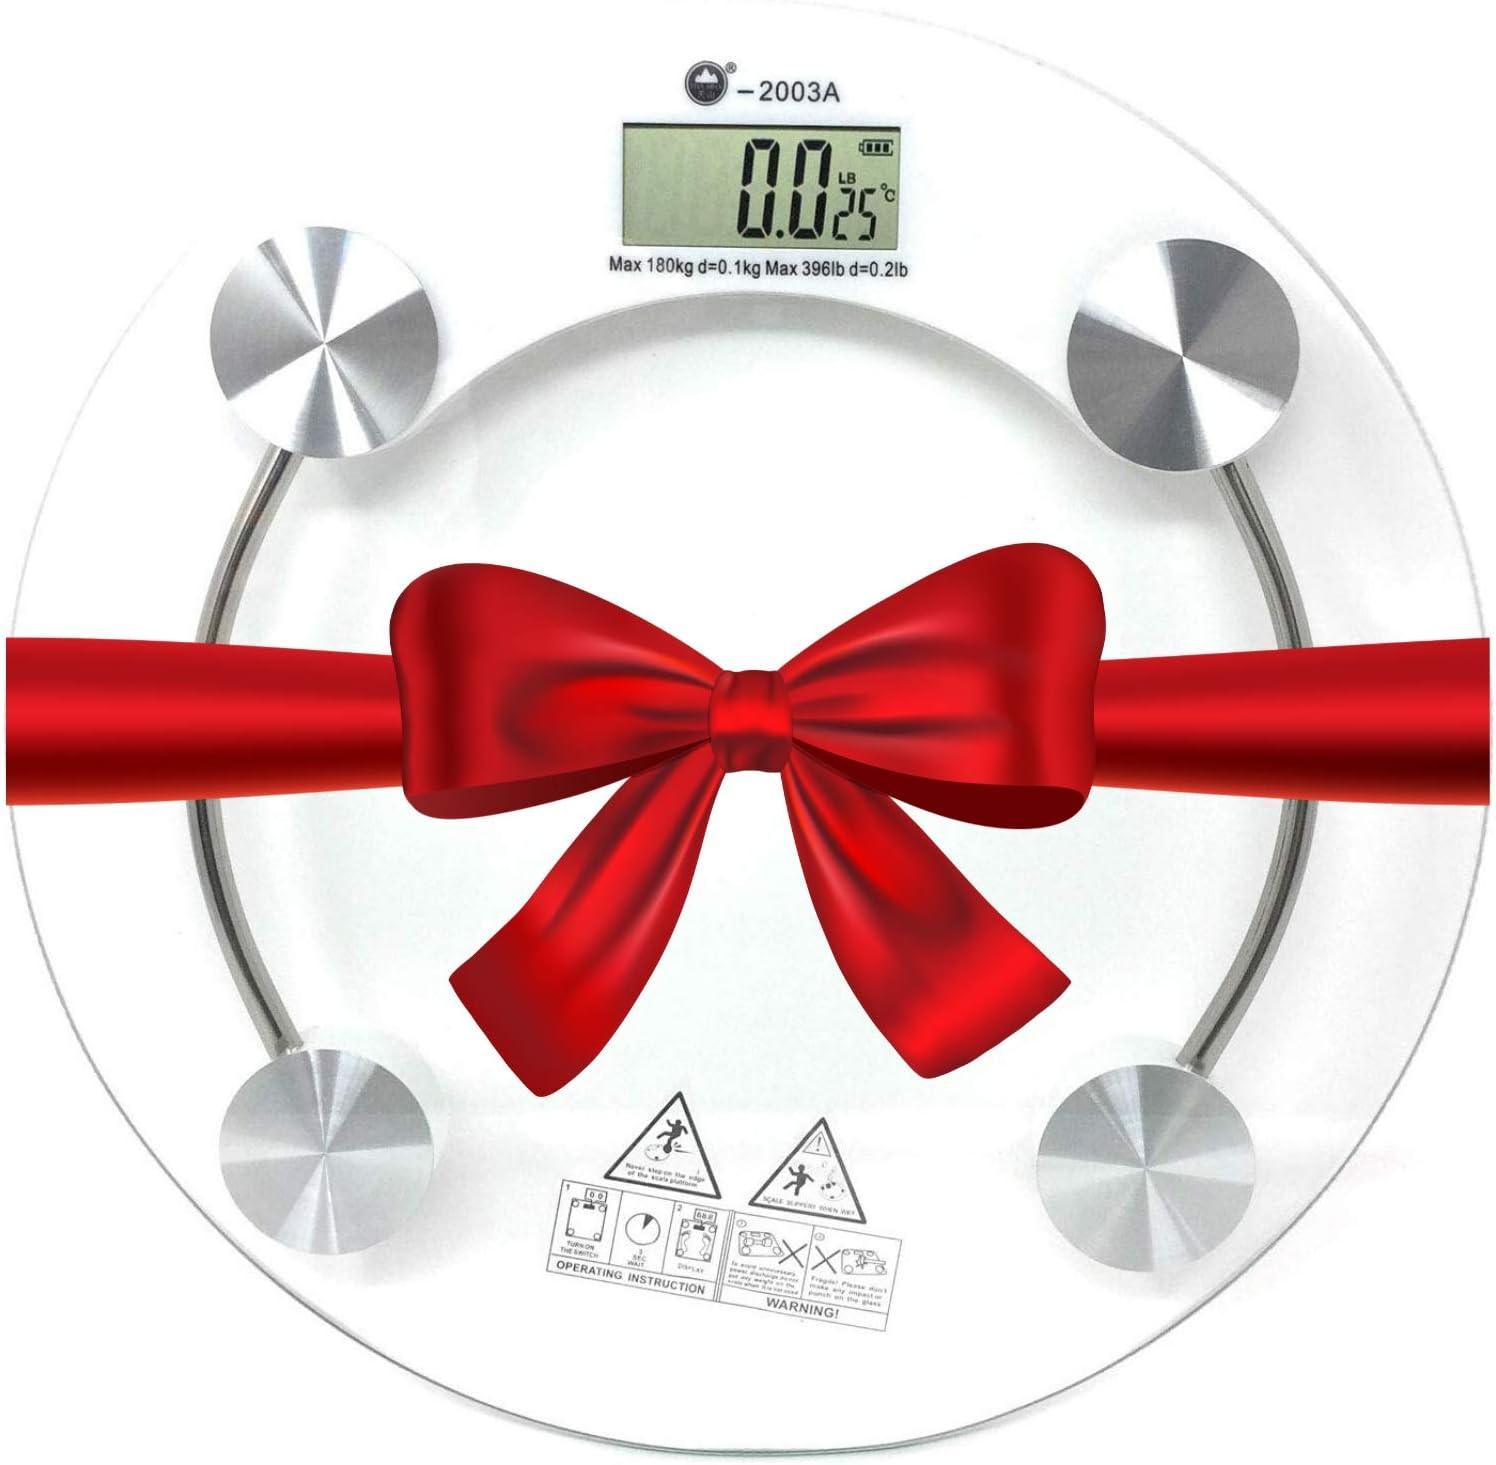 Balanza digital para peso corporal, báscula de baño digital más precisa, báscula de baño digital de peso que te mantiene en buen camino, básculas de peso para personas con diseño antideslizante plataforma